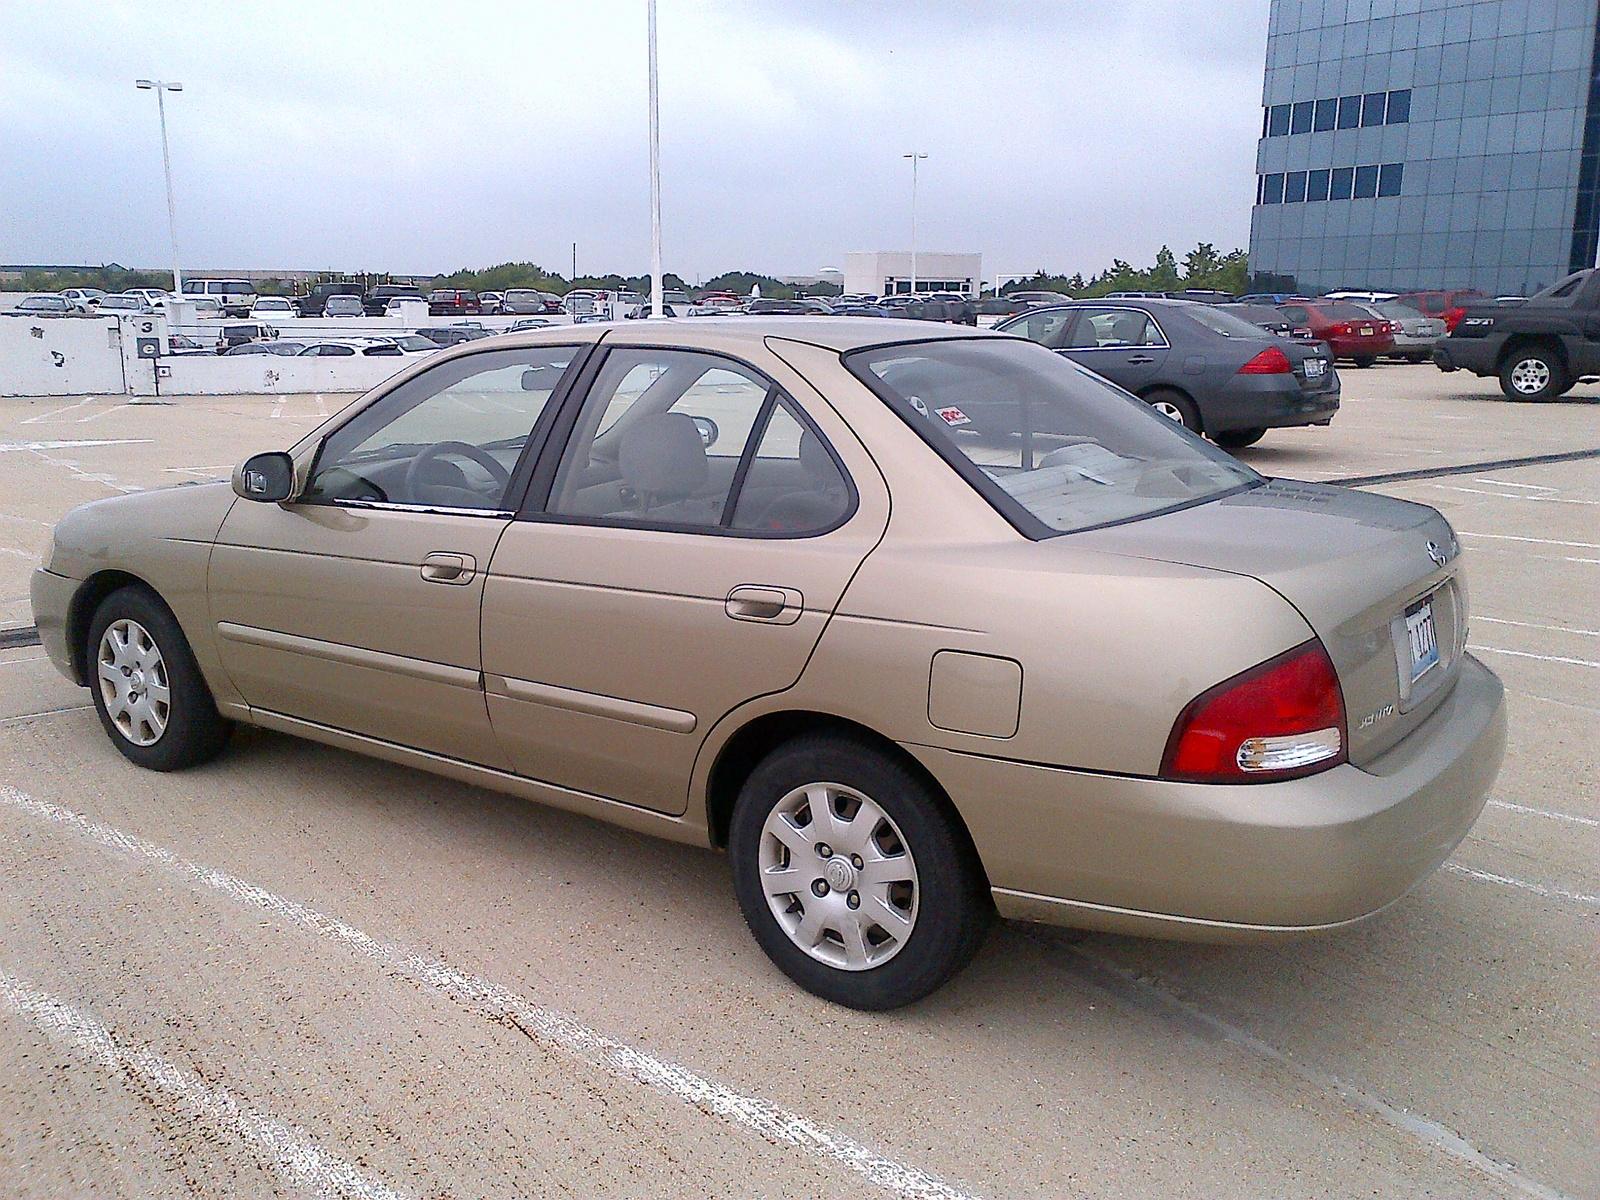 2000 Nissan Sentra Pictures Cargurus